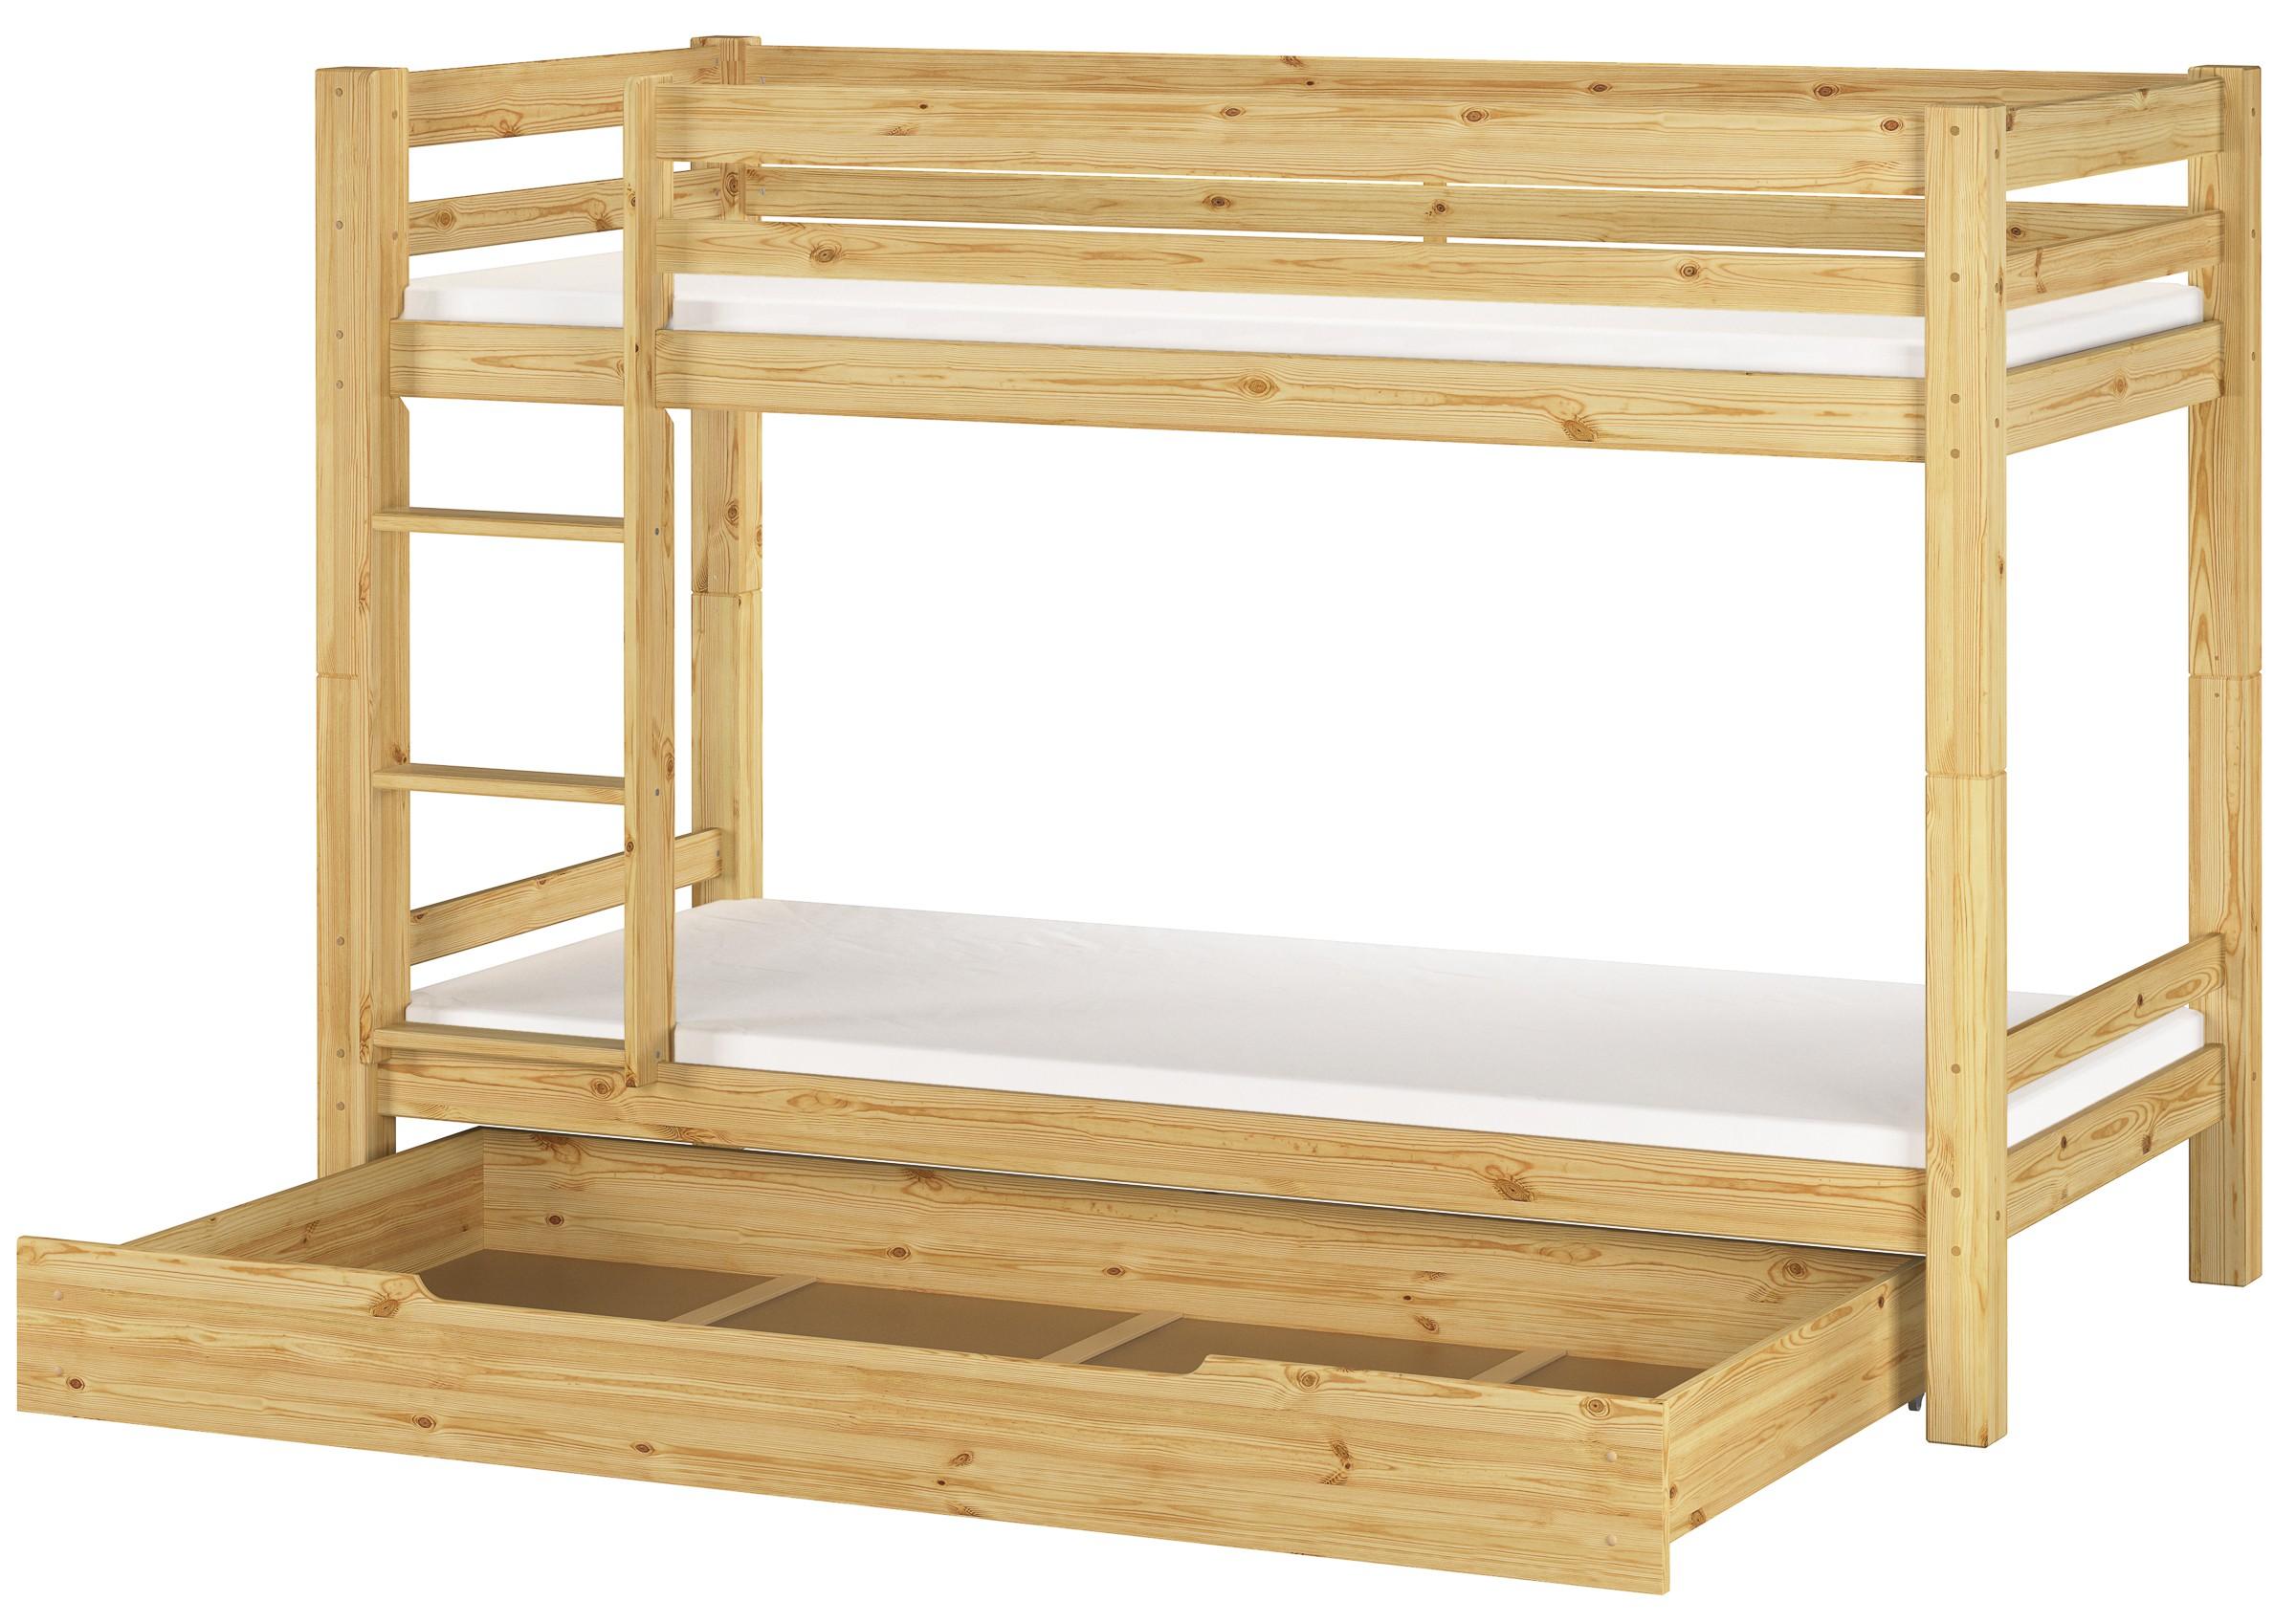 etagenbett stockbett kiefer massiv matratze bettkasten. Black Bedroom Furniture Sets. Home Design Ideas